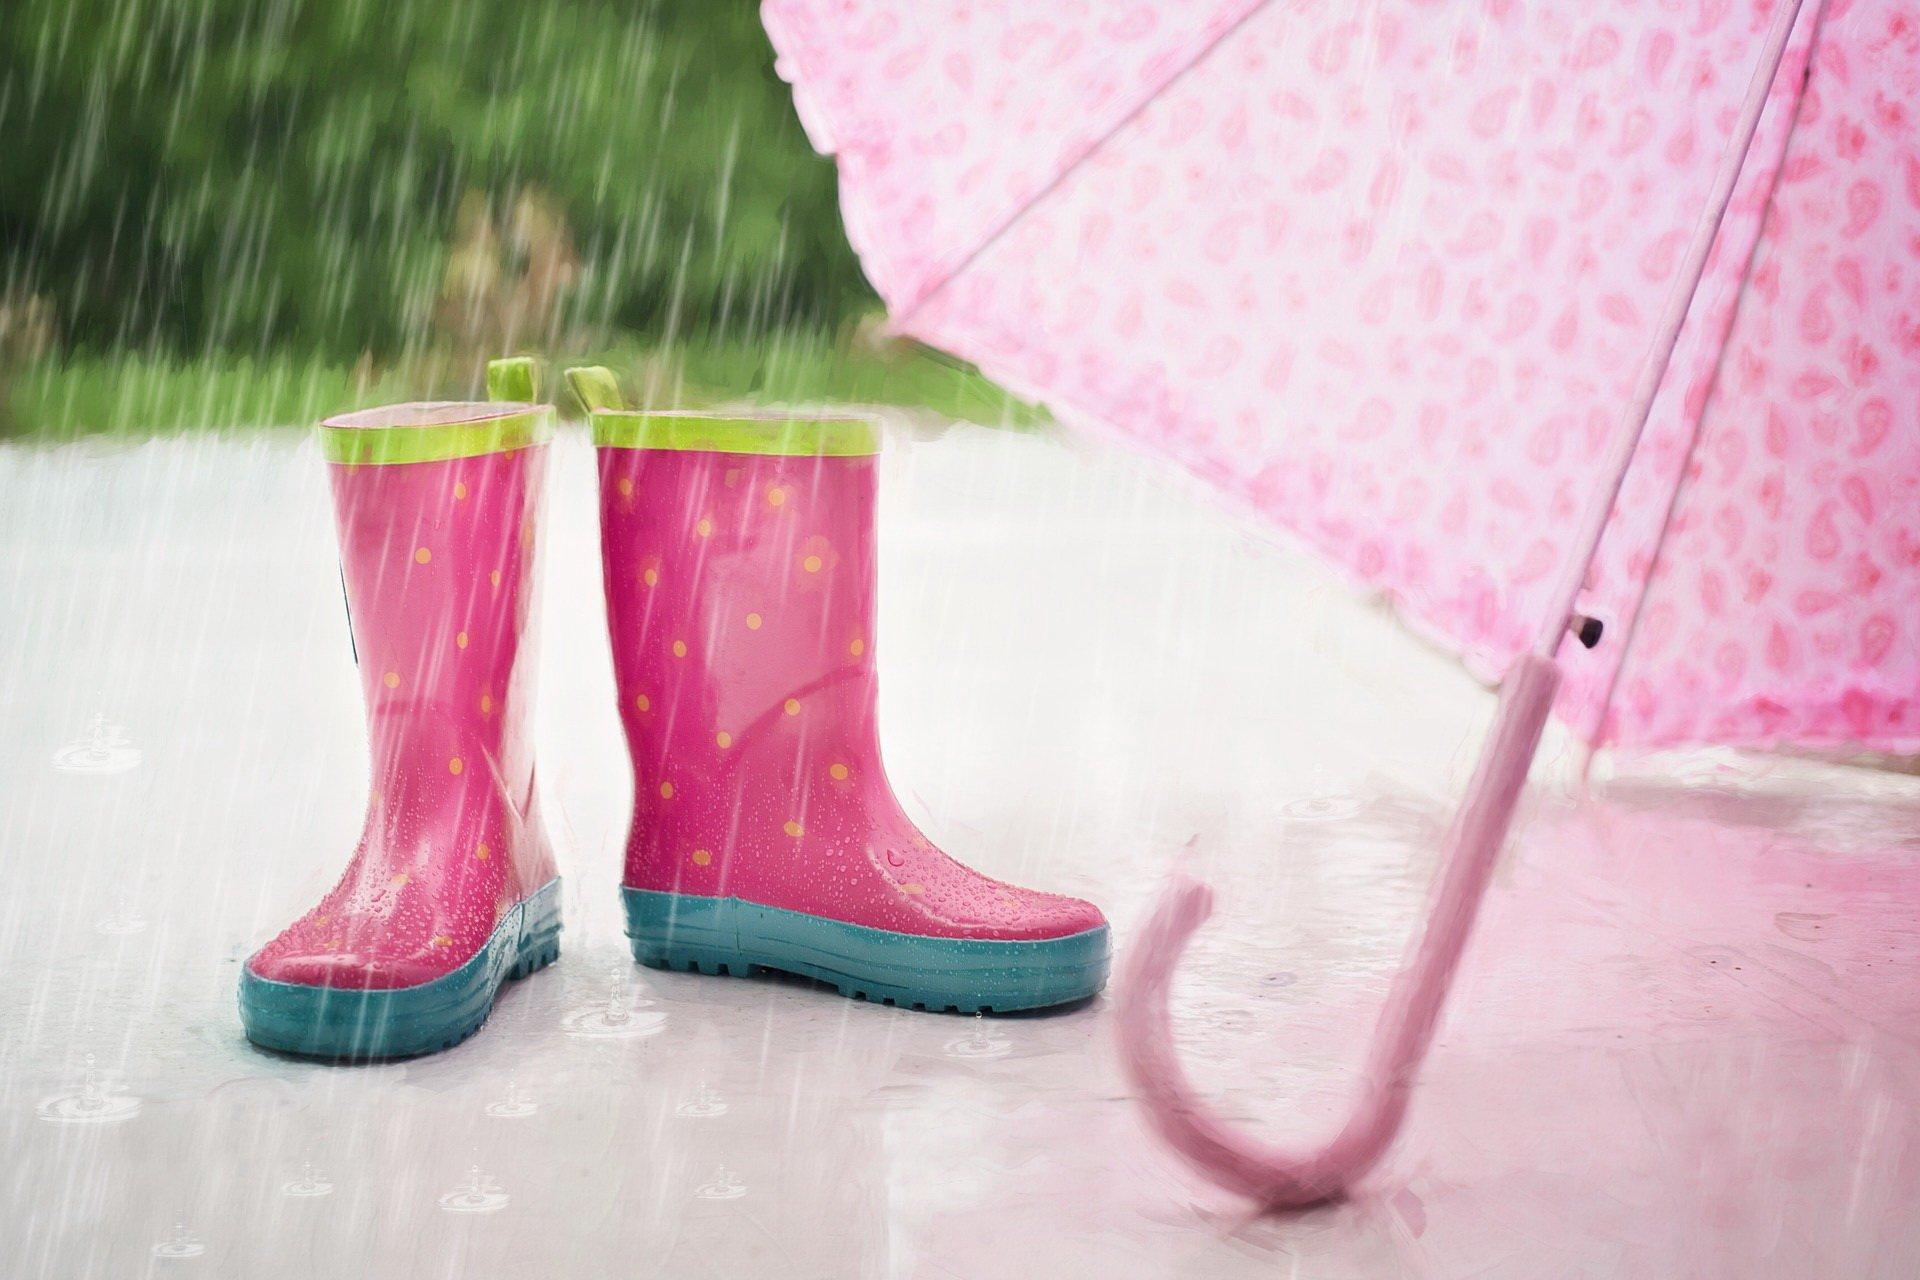 Pada deszczyk piosenki dla dzieci o jesieni